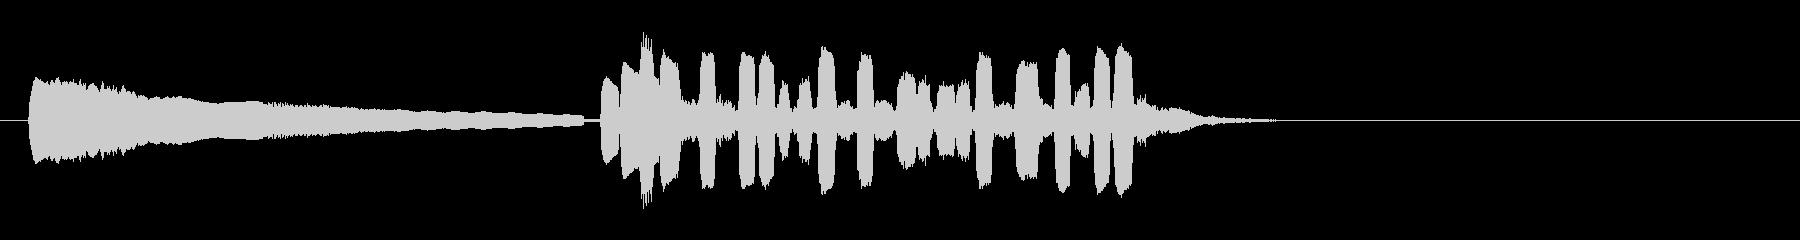 テーマ6B:トランペットの未再生の波形